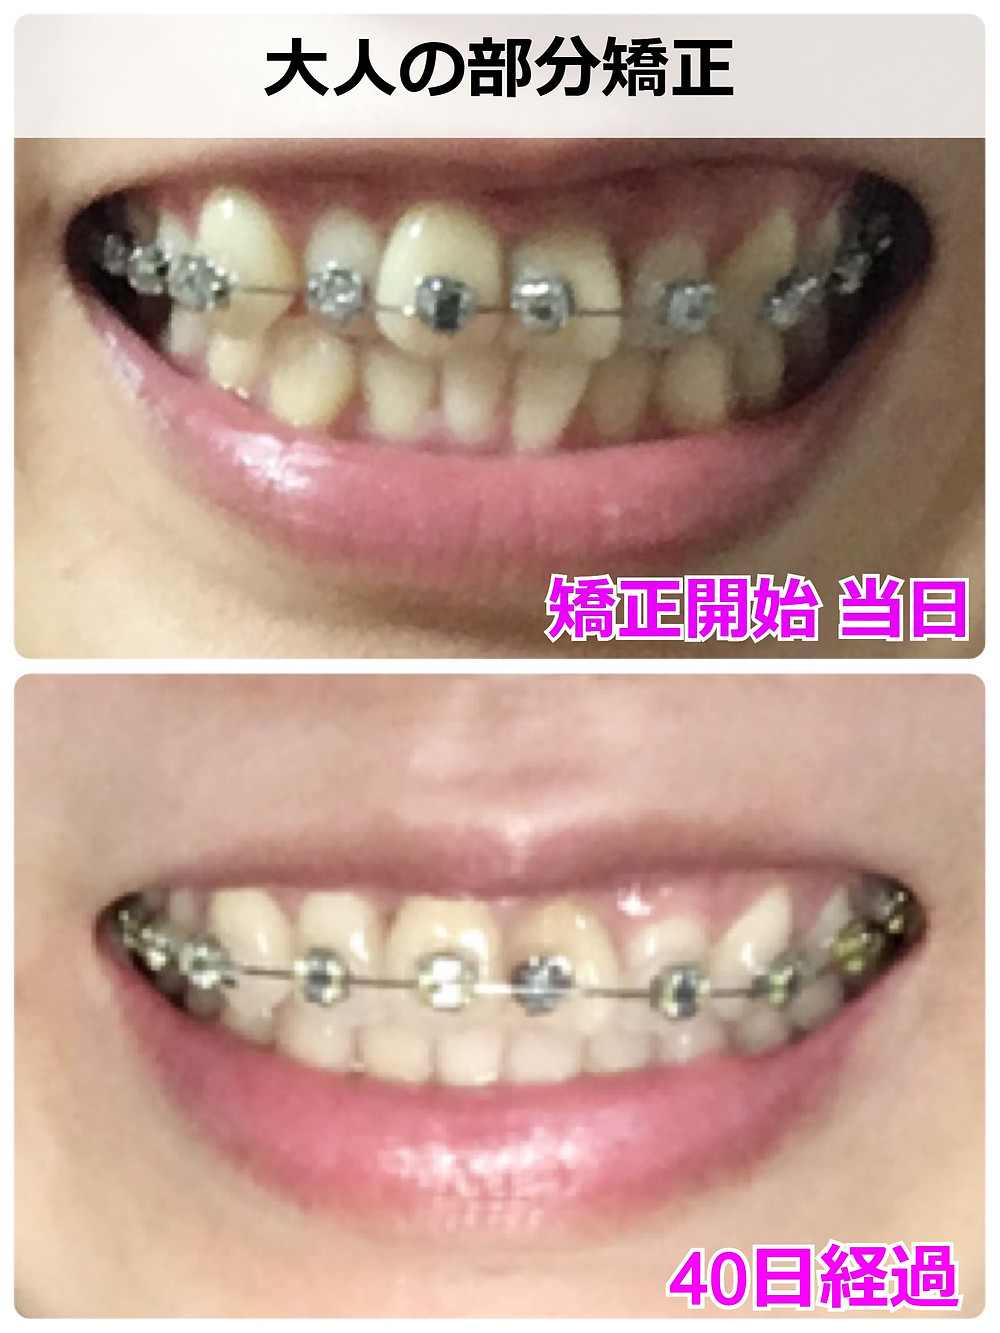 ガタガタの歯並びを矯正しはじめて40日経過